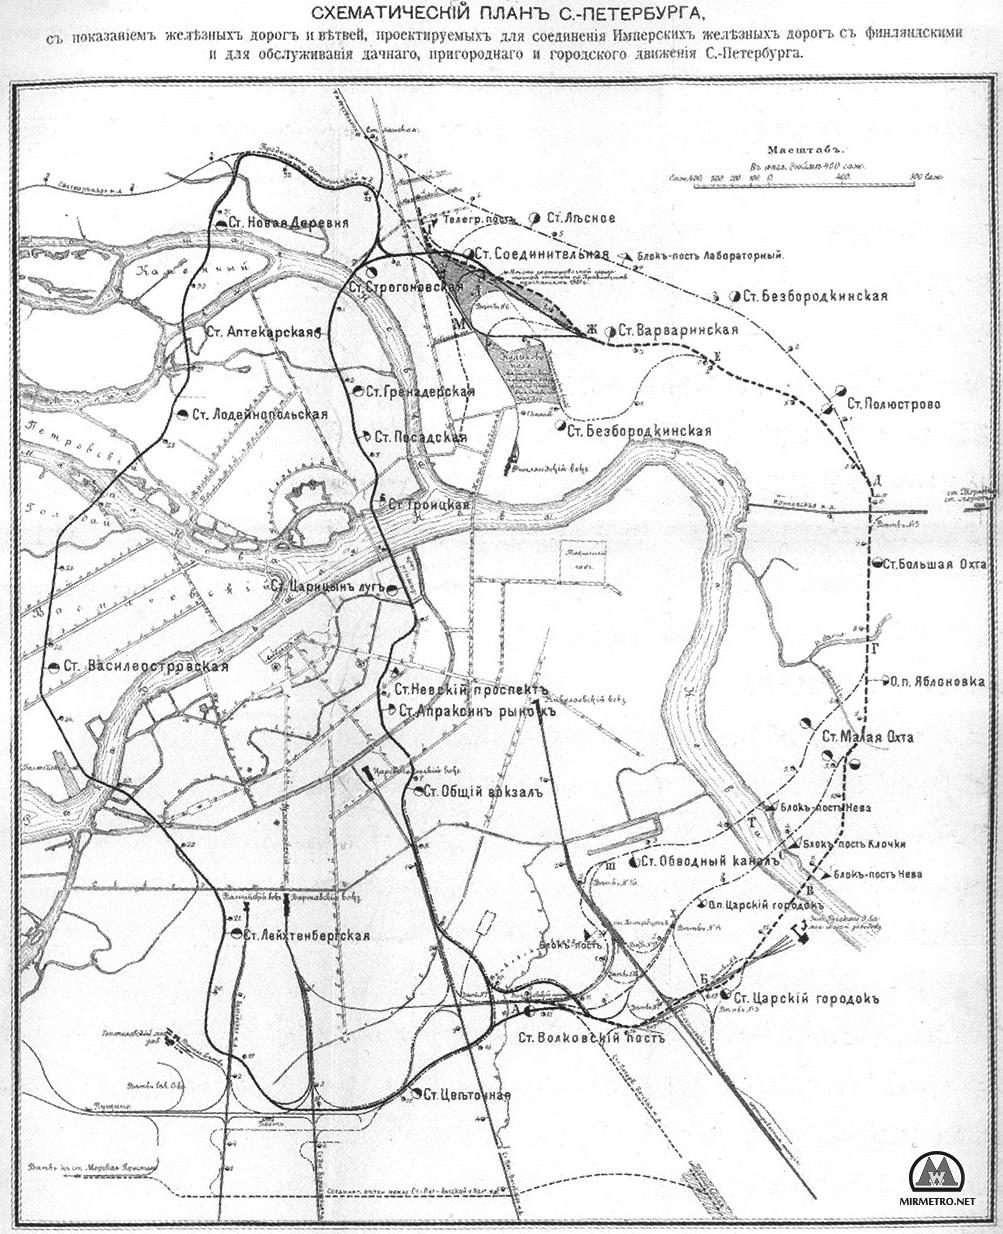 схема метро в москве в1982 году